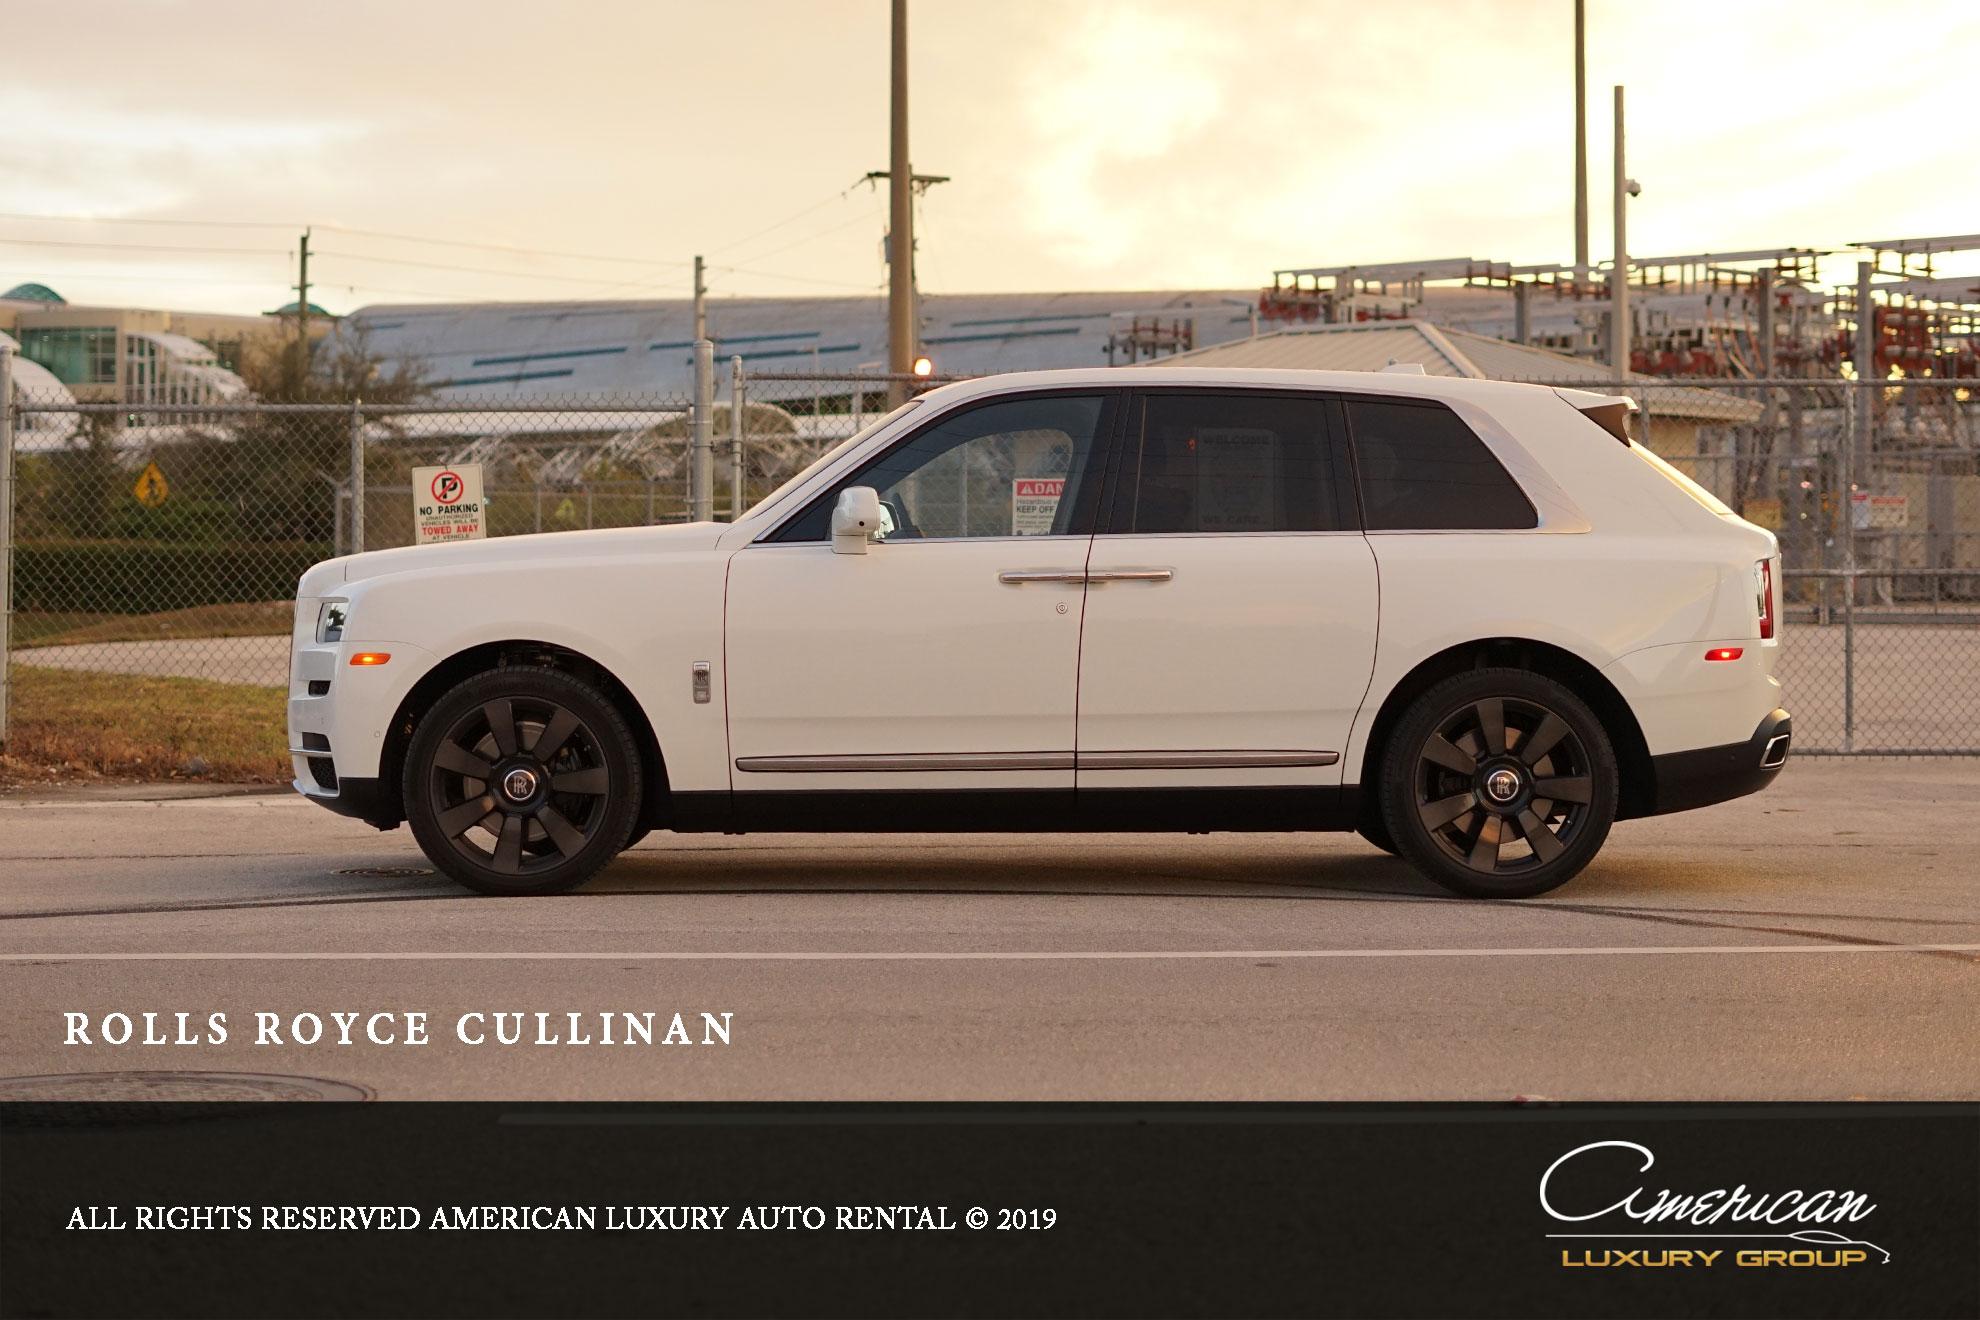 Rolls Royce Cullinan Rental In Orlando American Luxury